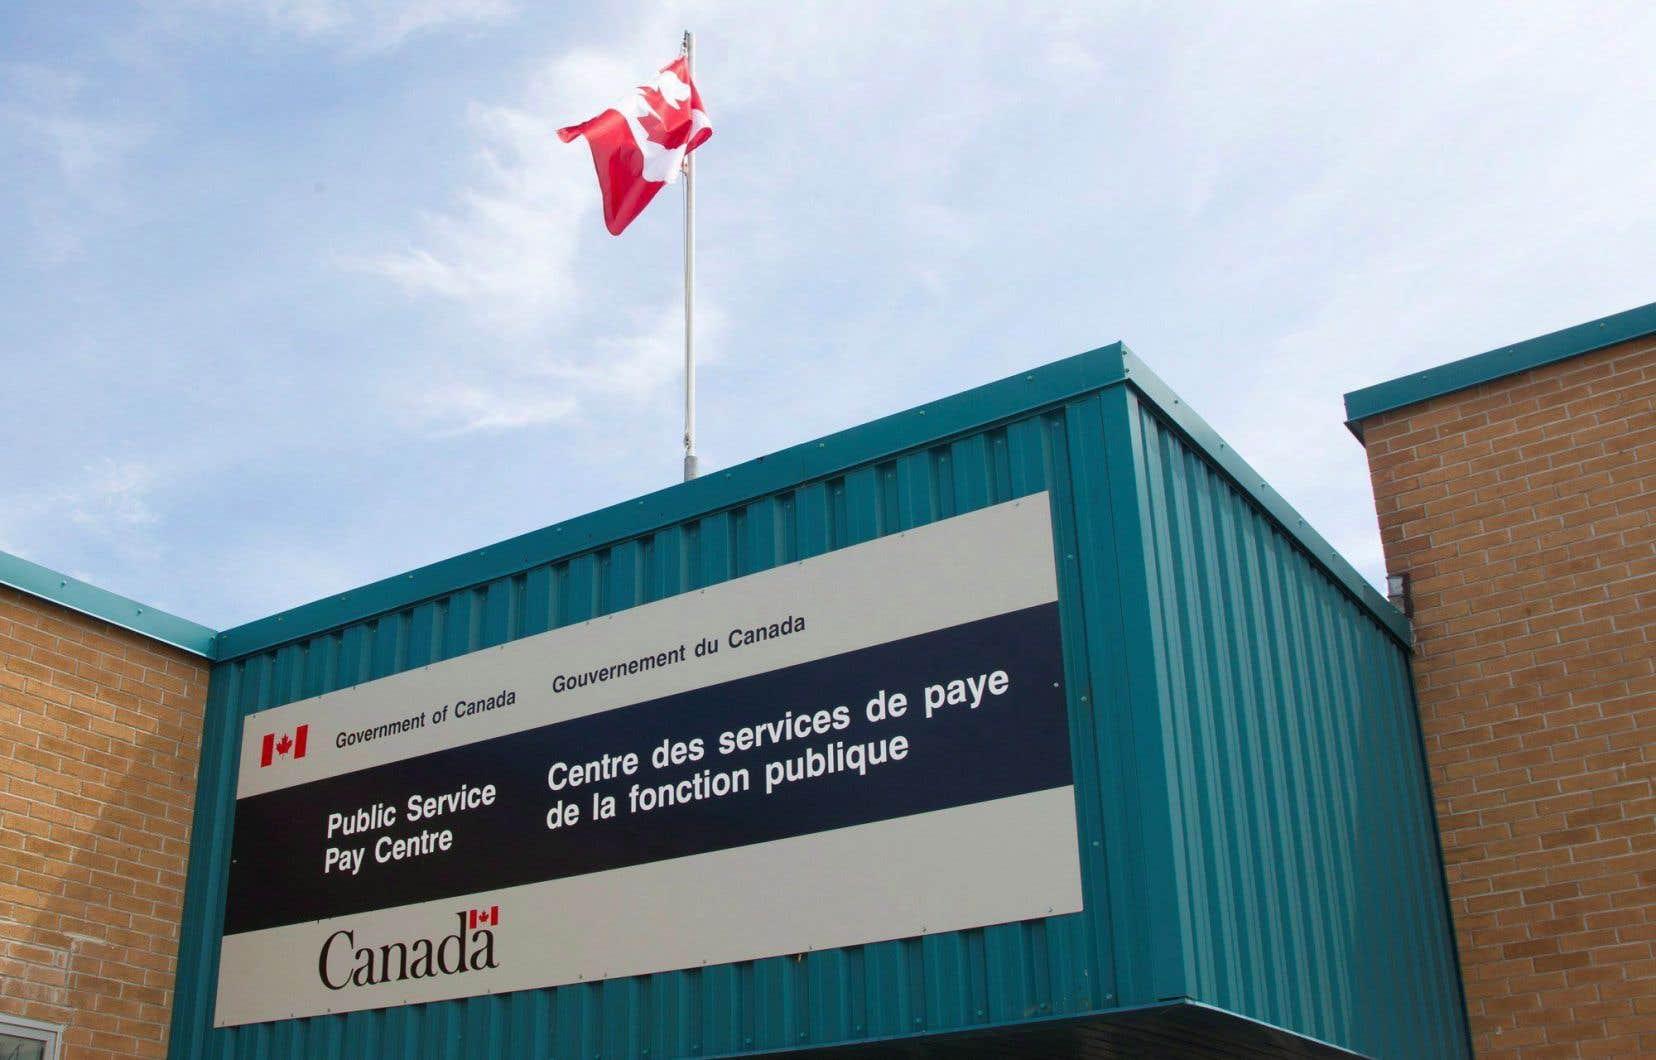 Le système Phénix, implanté dans le but d'uniformiser le système de paie des employés fédéraux partout au Canada, devait entraîner des économies annuelles de millions de dollars.